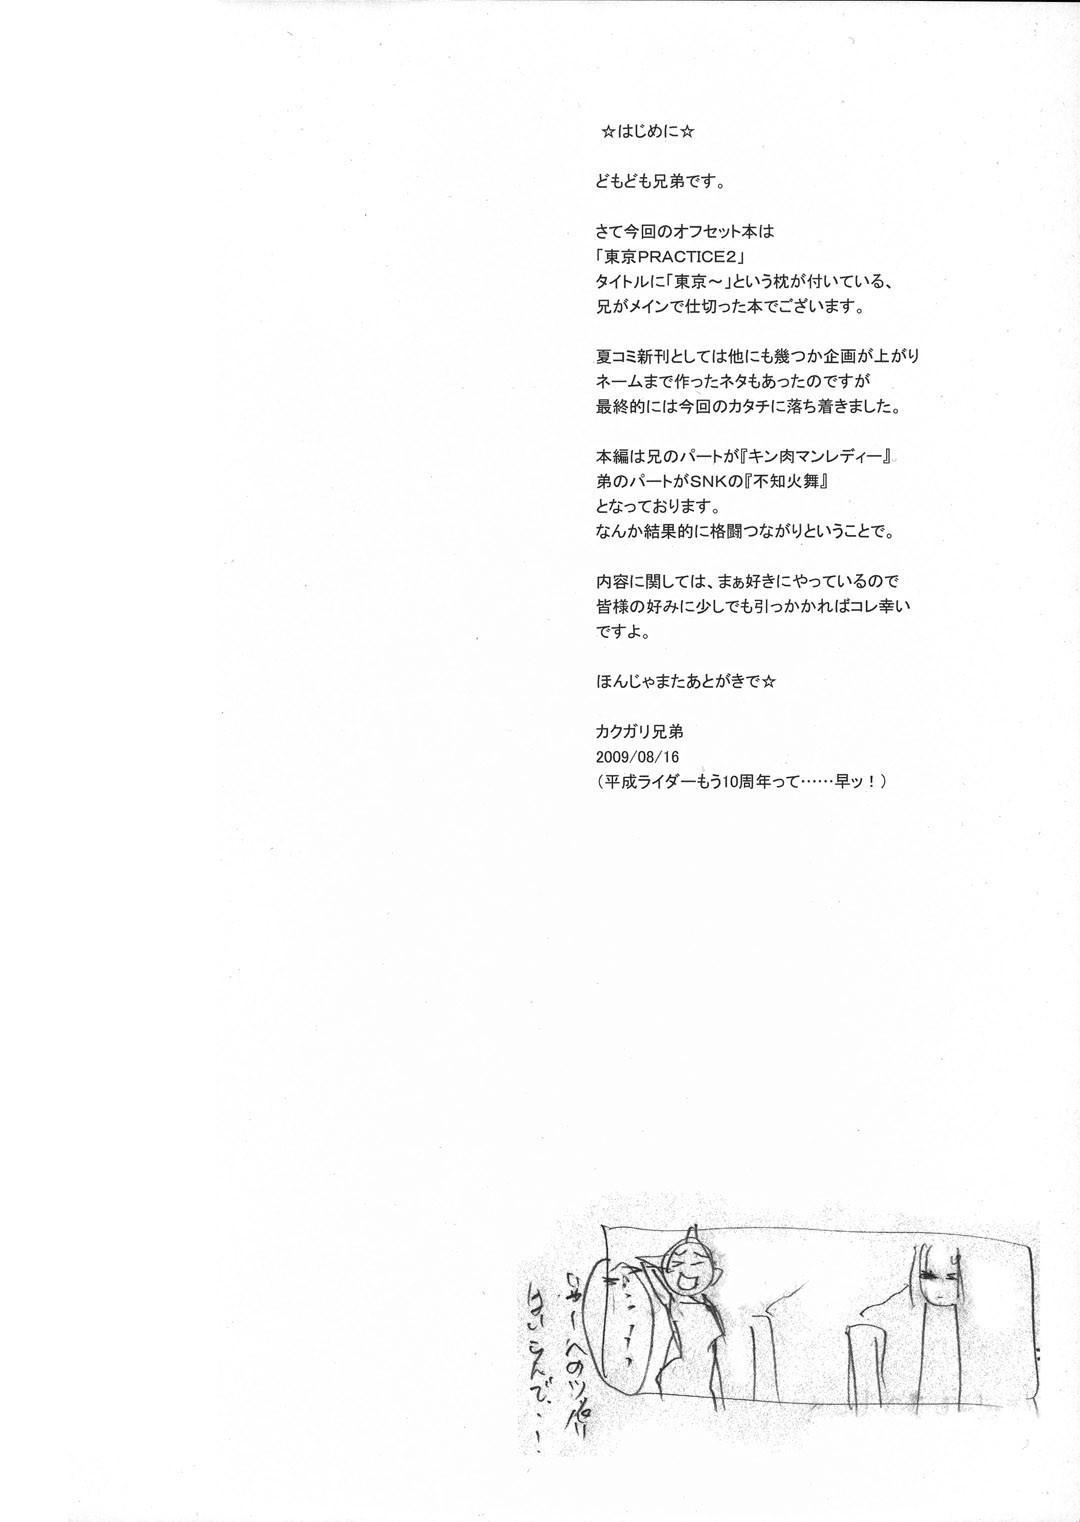 TOKYO PRACTICE 2 2